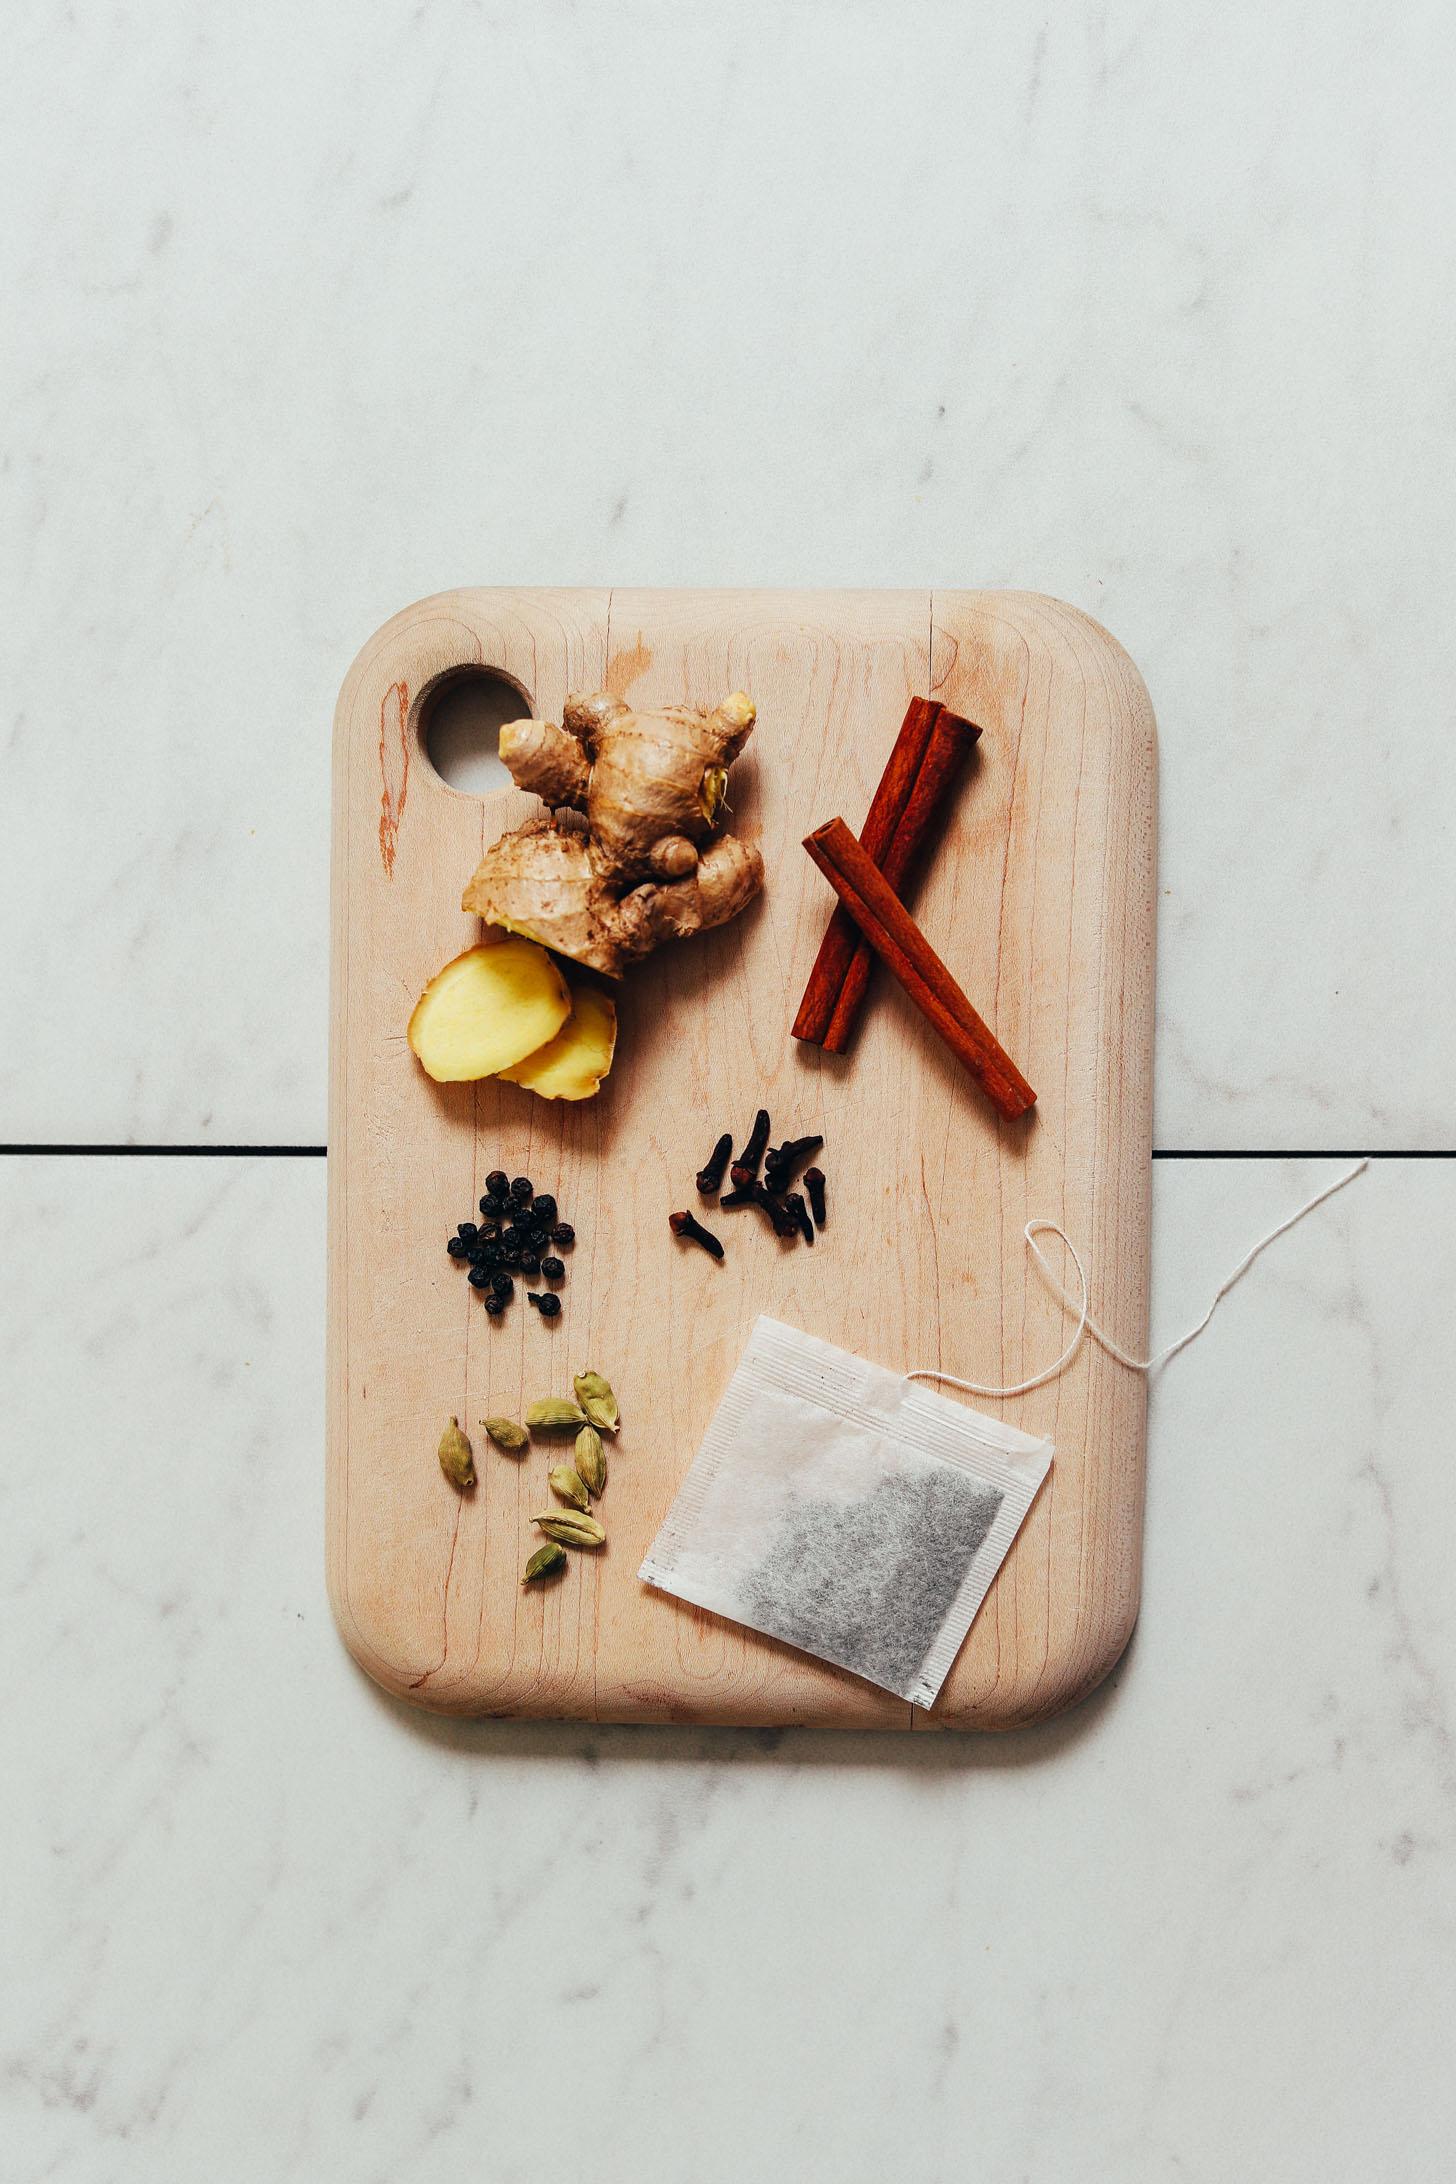 Jengibre, canela, clavo, pimienta negra, vainas de cardamomo y té negro para hacer nuestra receta casera de té Chai